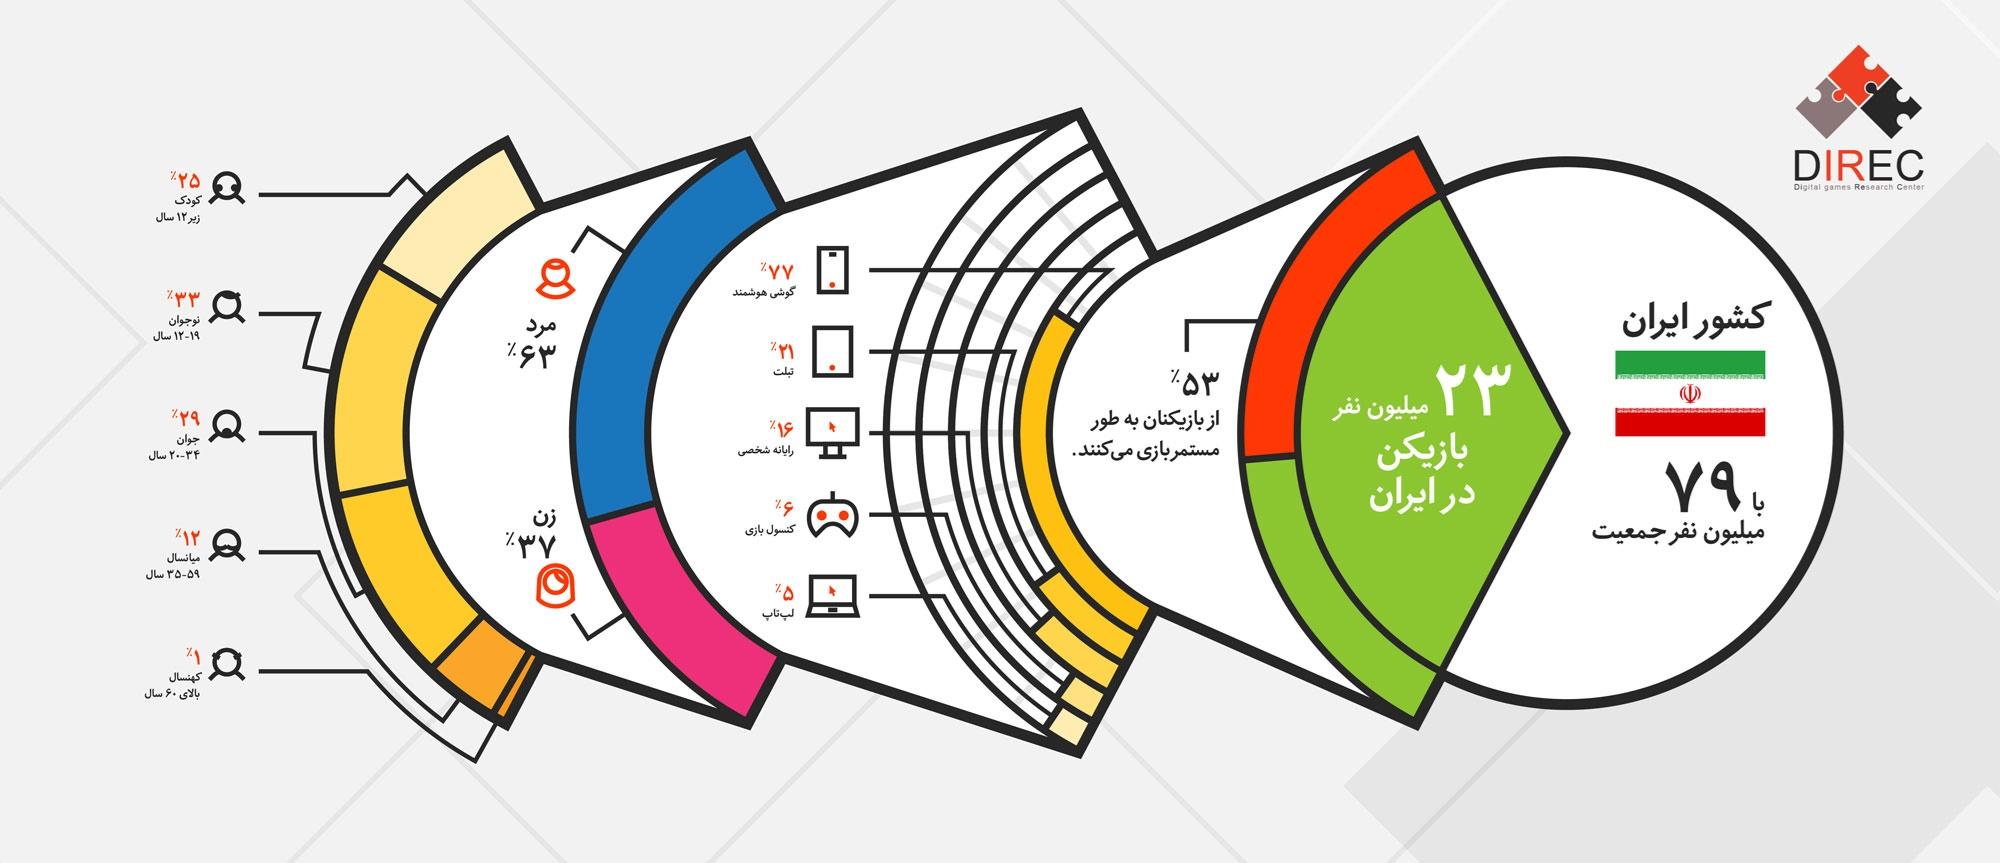 اینفوگرافیک | چند میلیون ایرانی گیم بازی میکنند؟